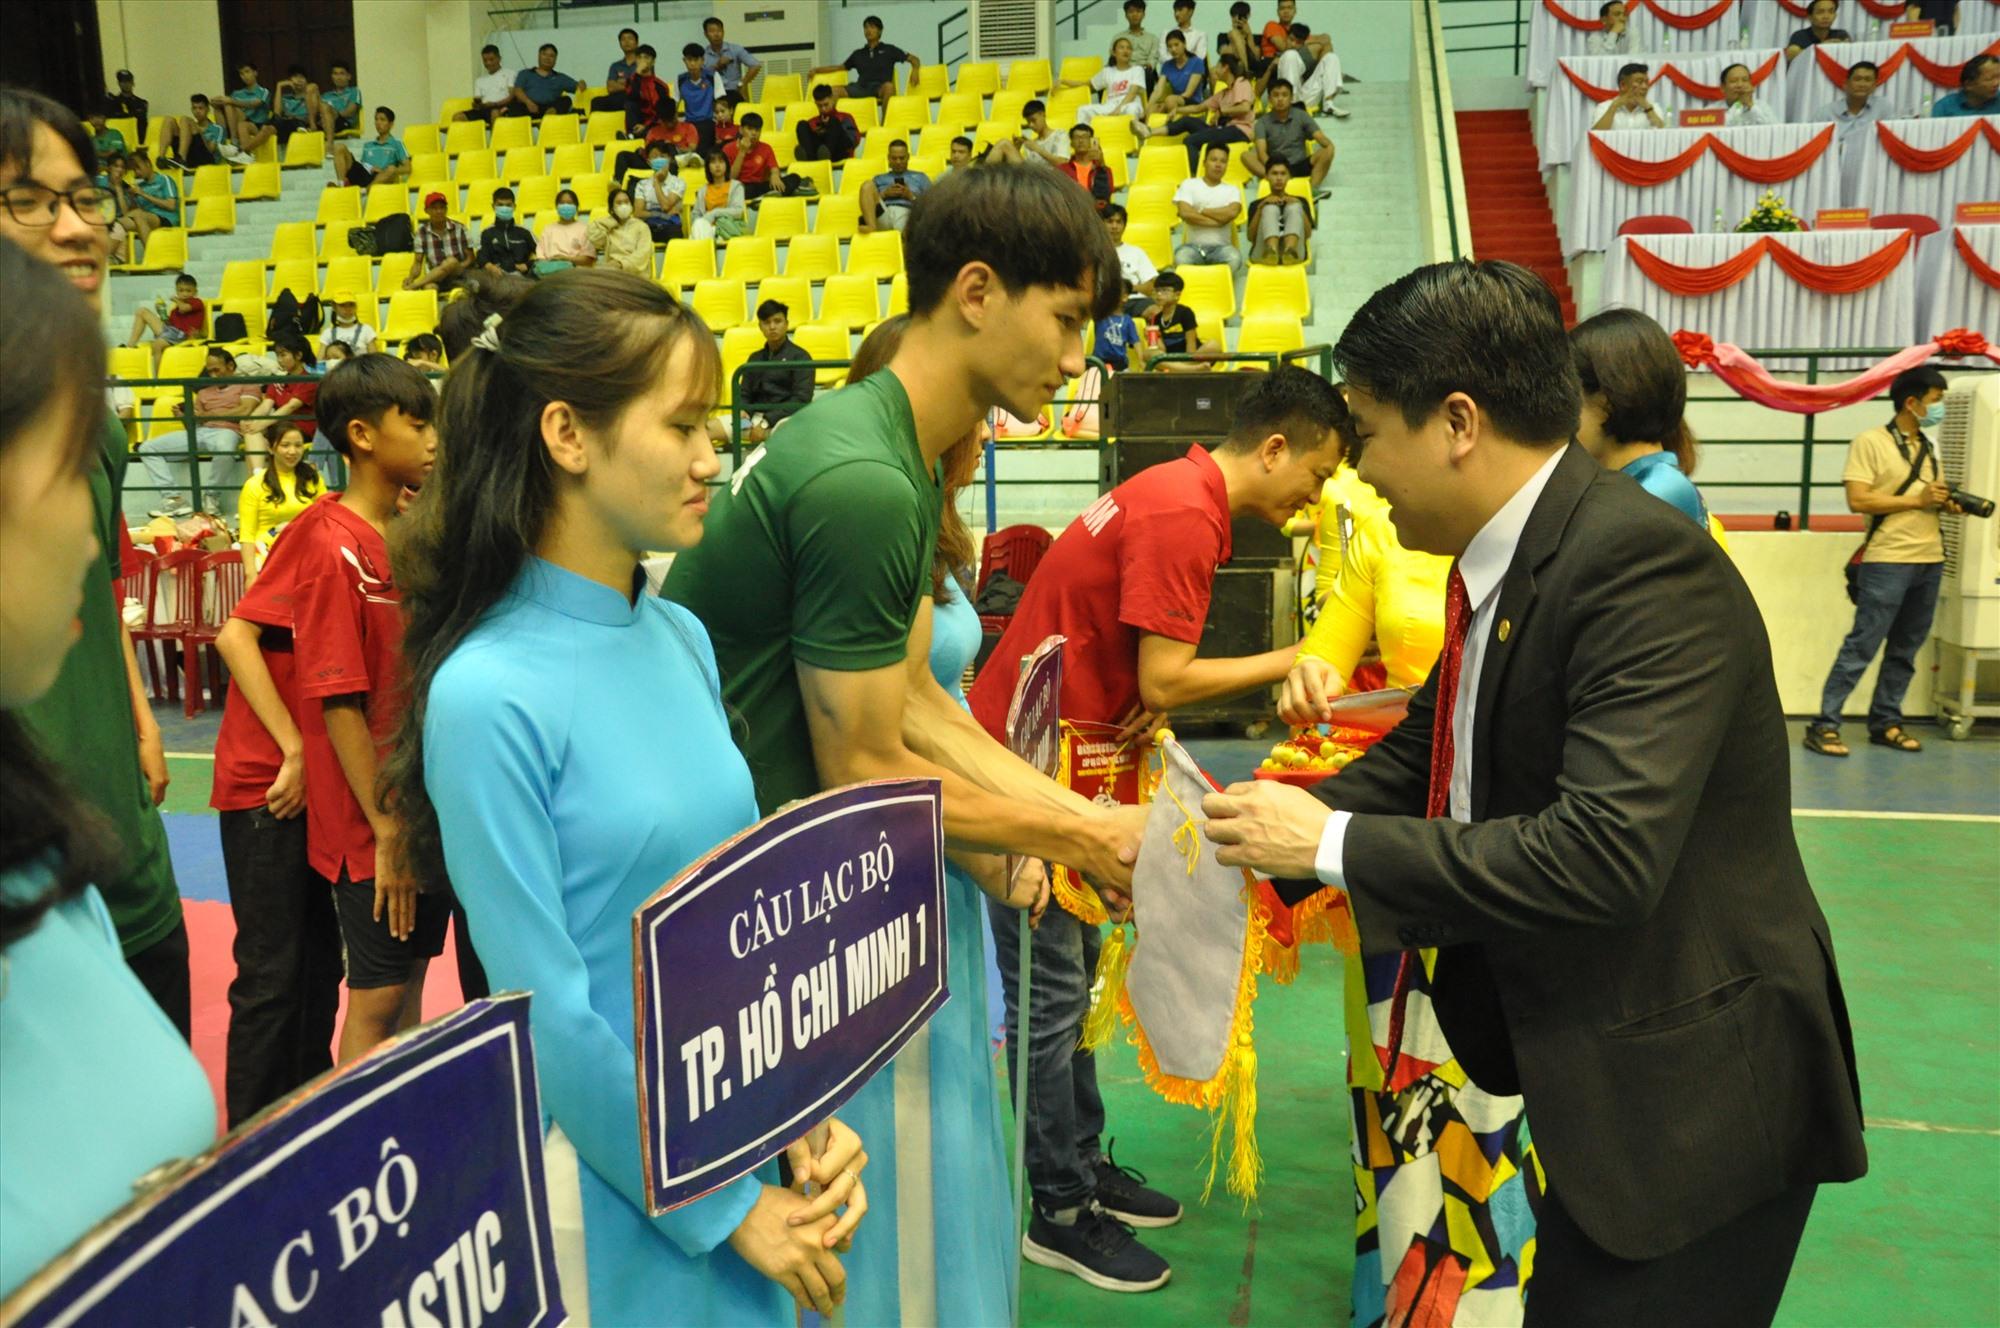 Phó Chủ tịch UBND tỉnh Trần Văn Tân trao hoa động viên các đơn vị. Ảnh: T.V